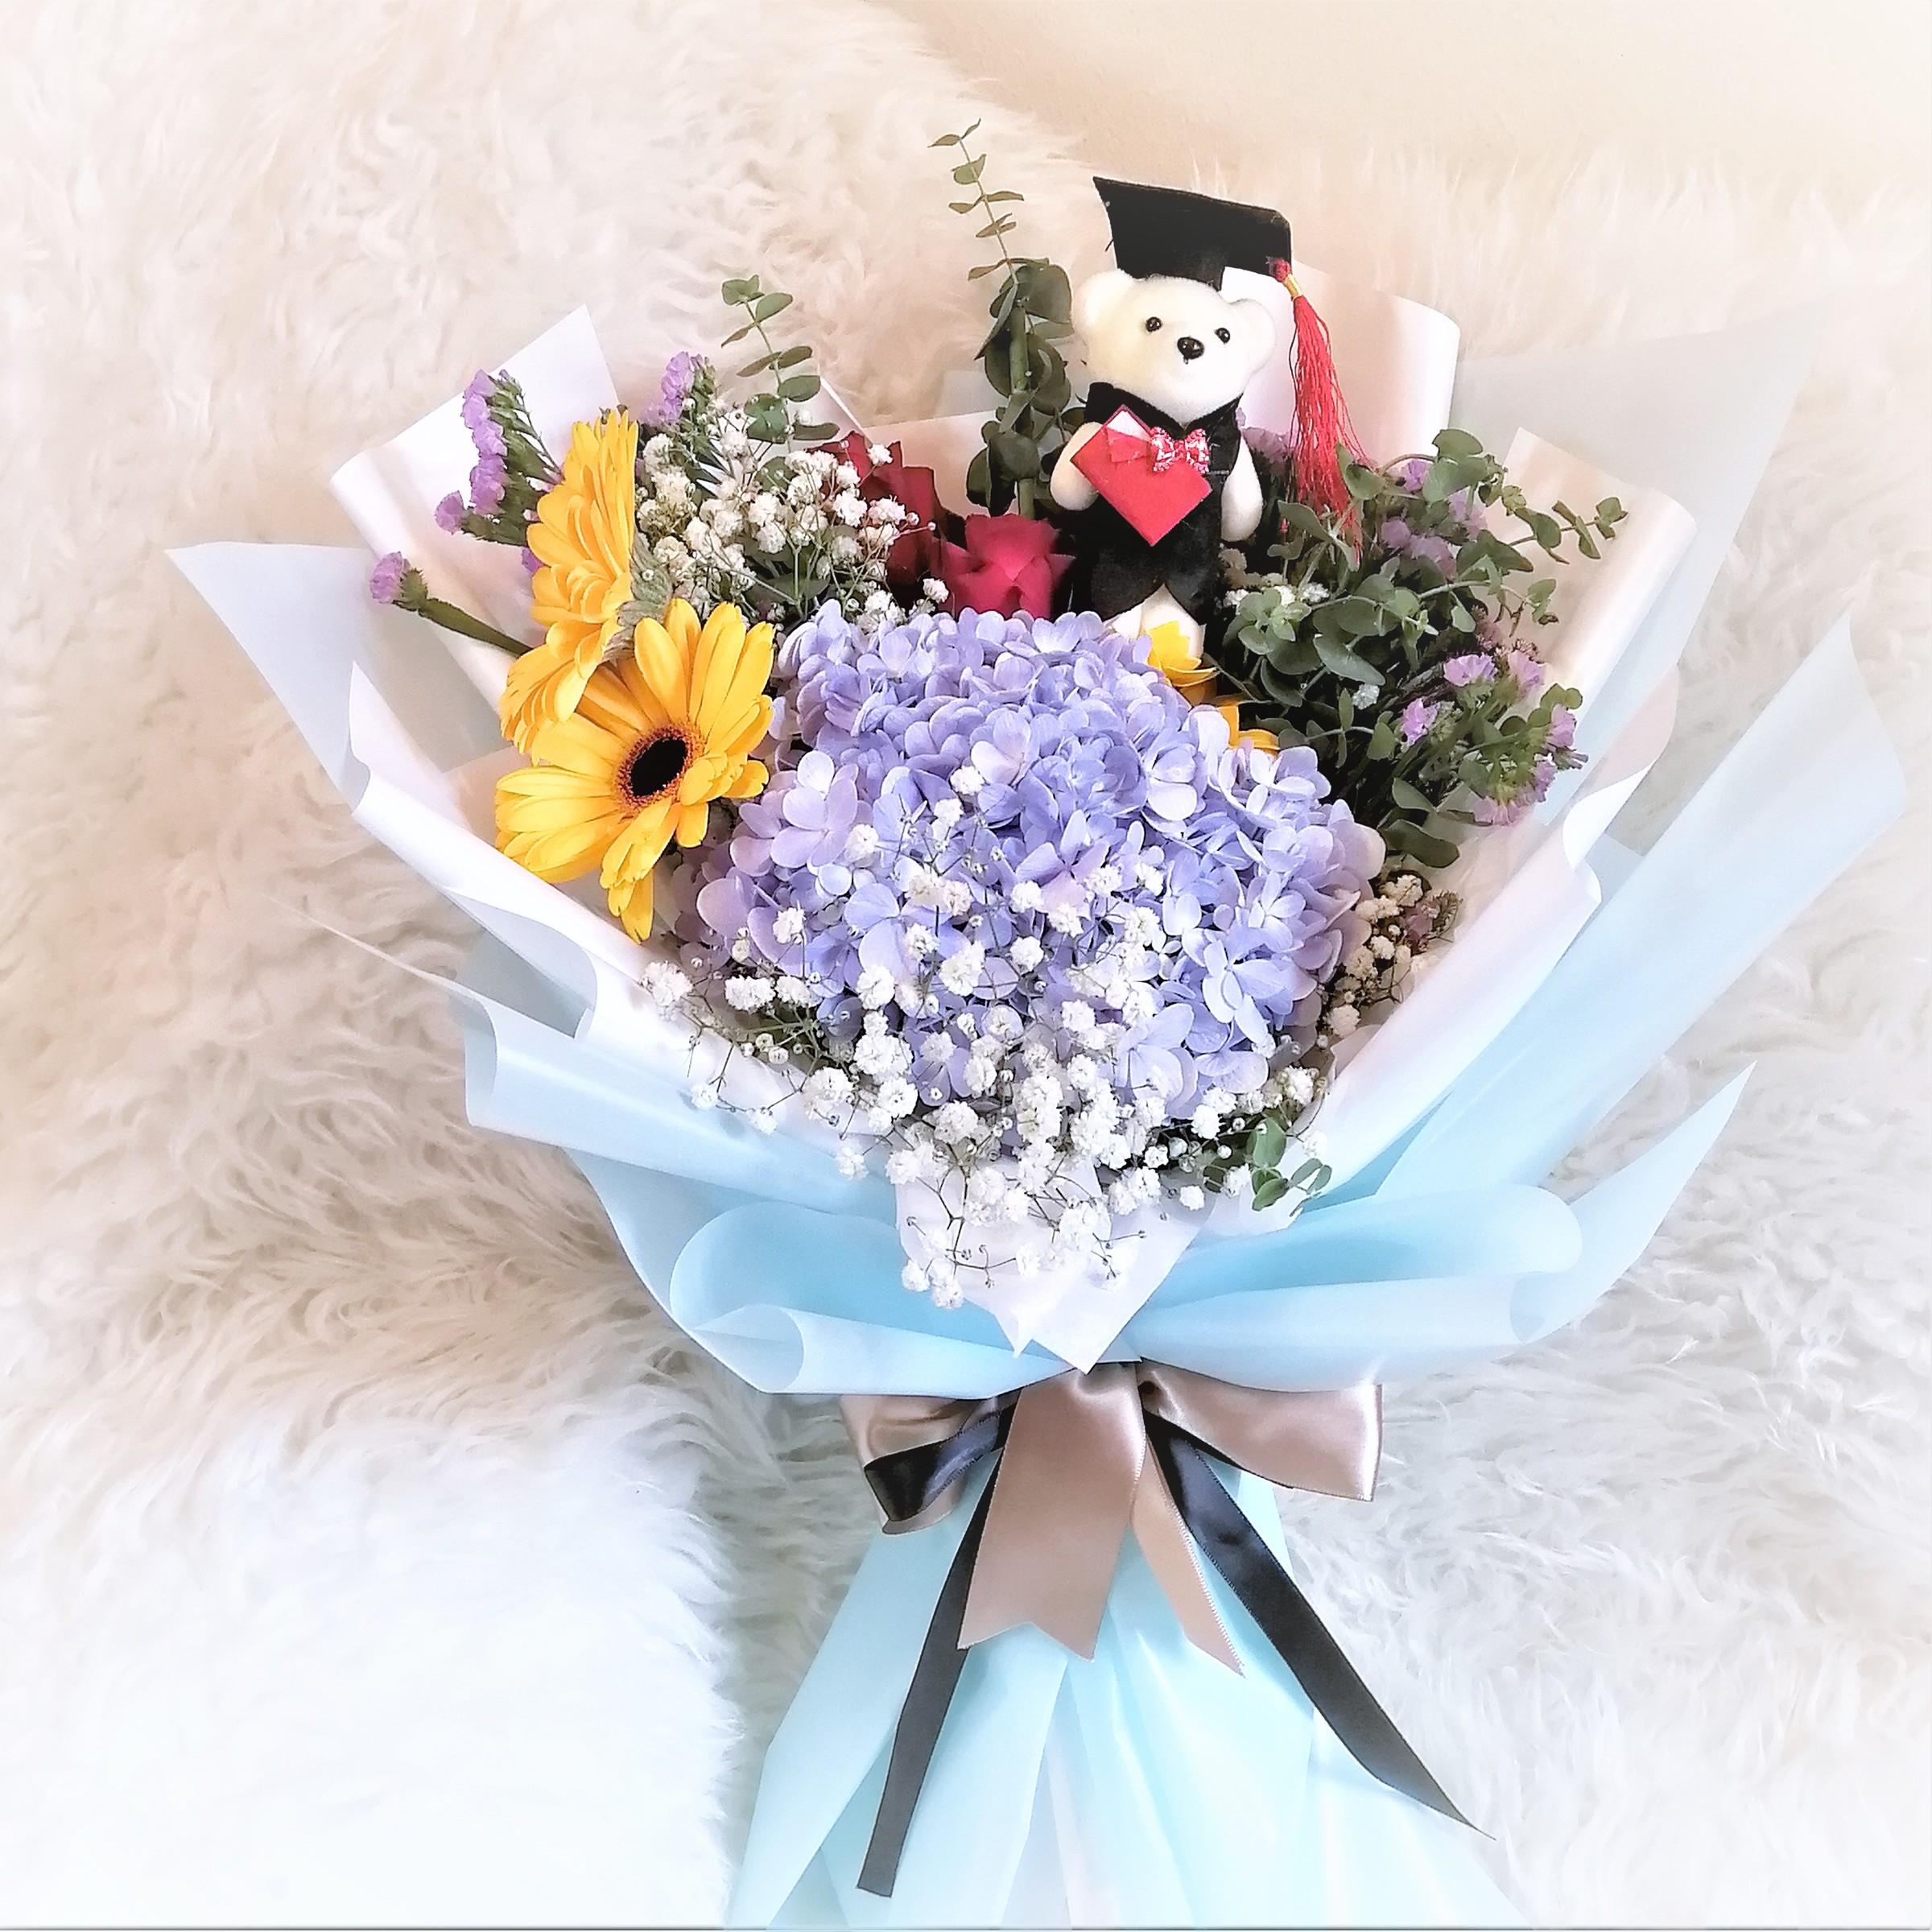 flower delivery kl 23.jpeg